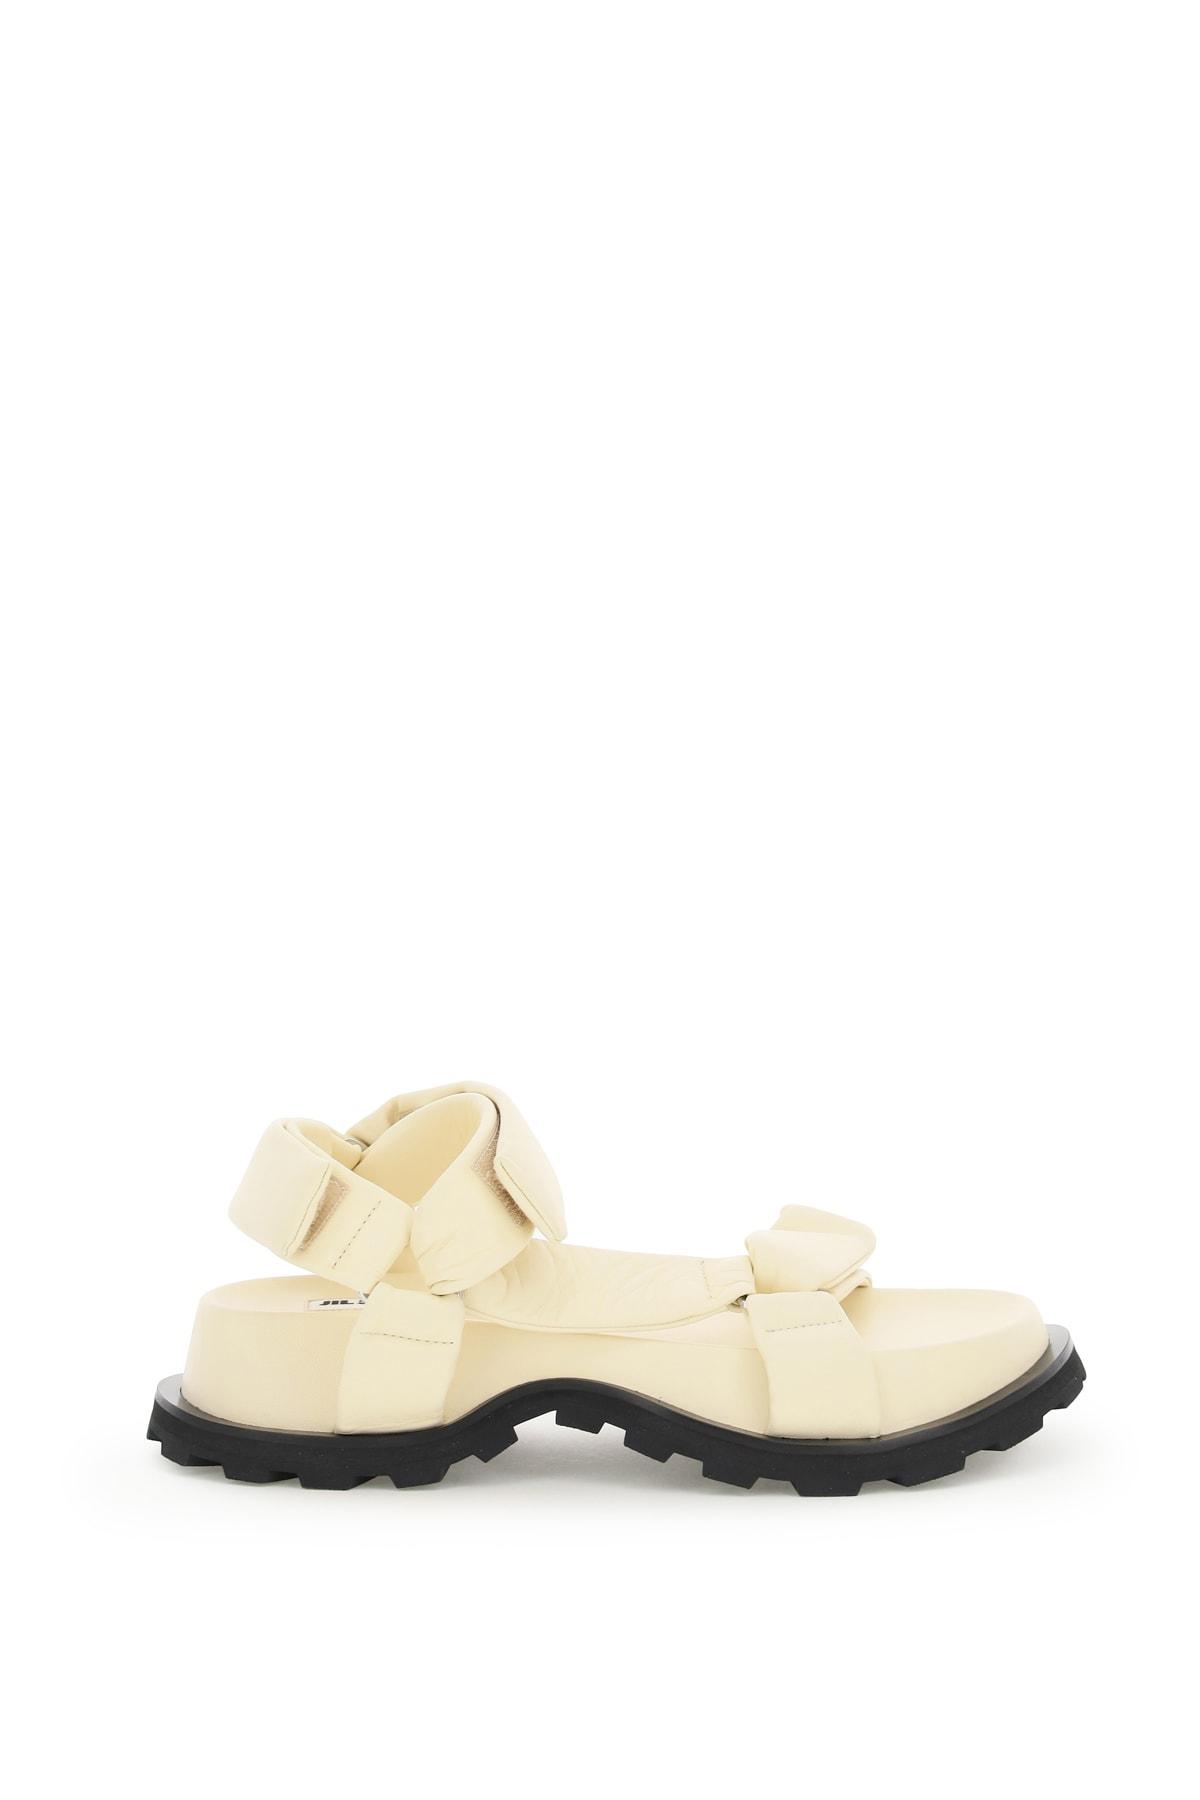 Buy Jil Sander Nomad Platform Sandals online, shop Jil Sander shoes with free shipping